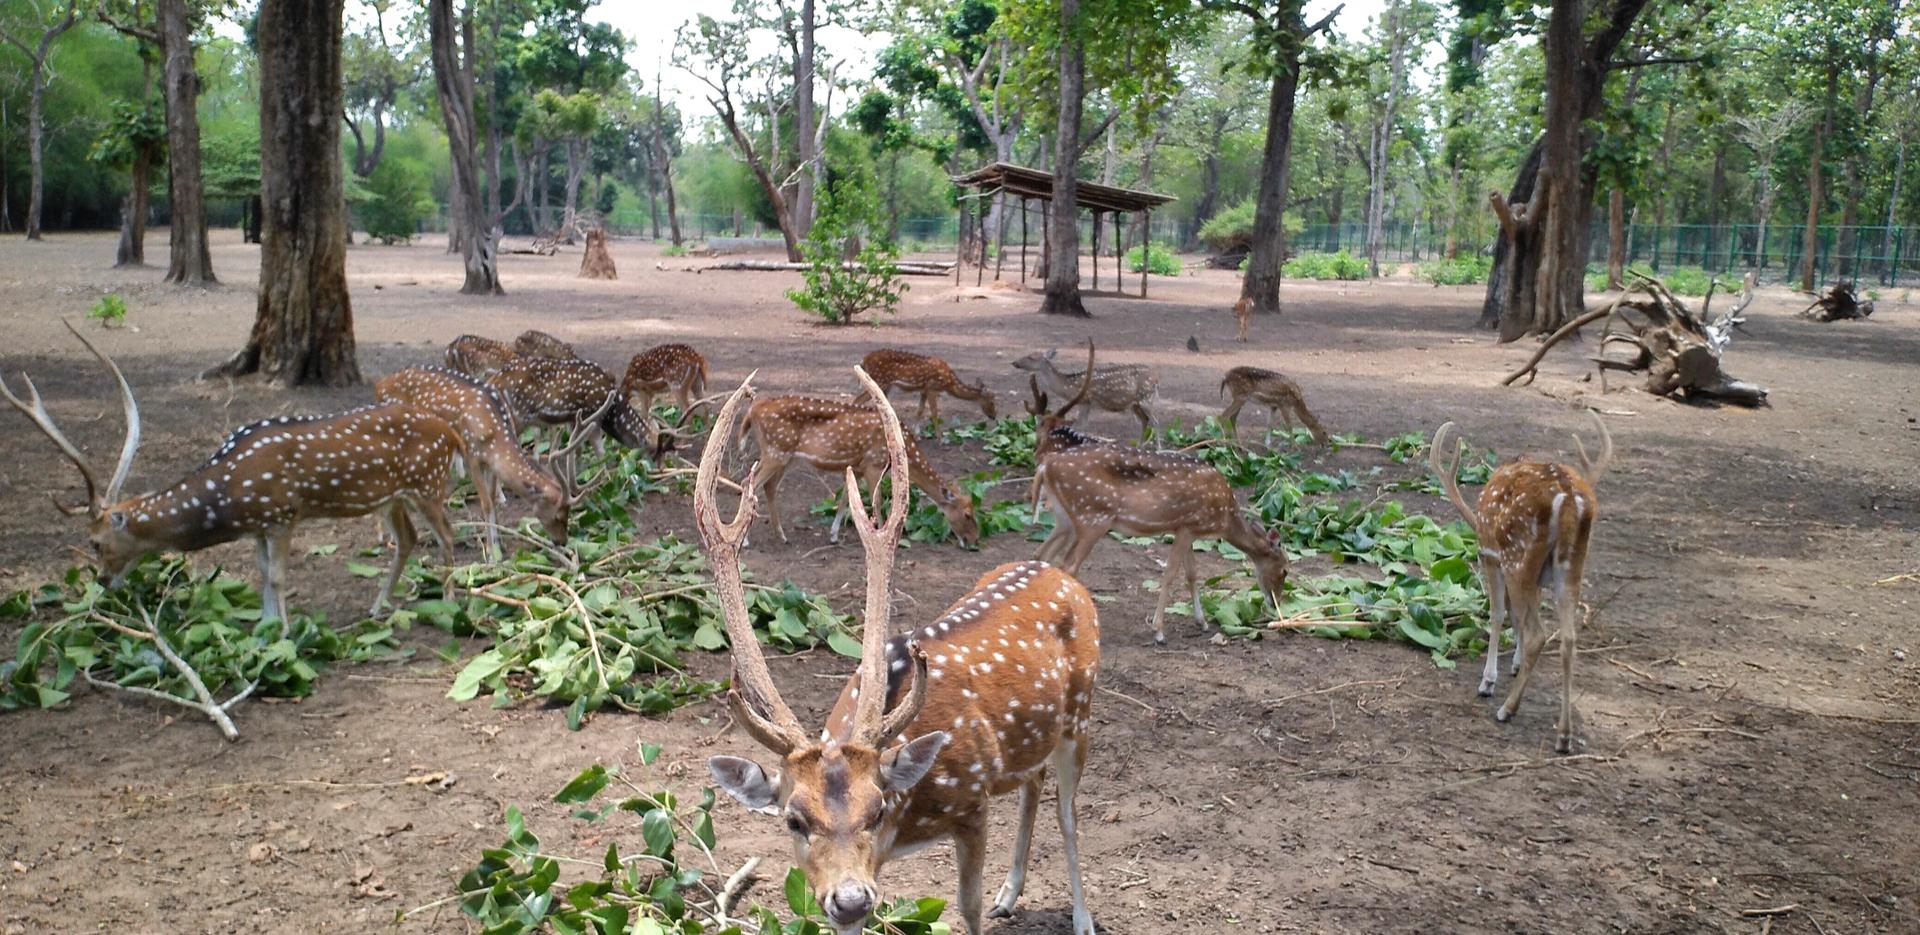 deer aprk in cauvery nisargadhama